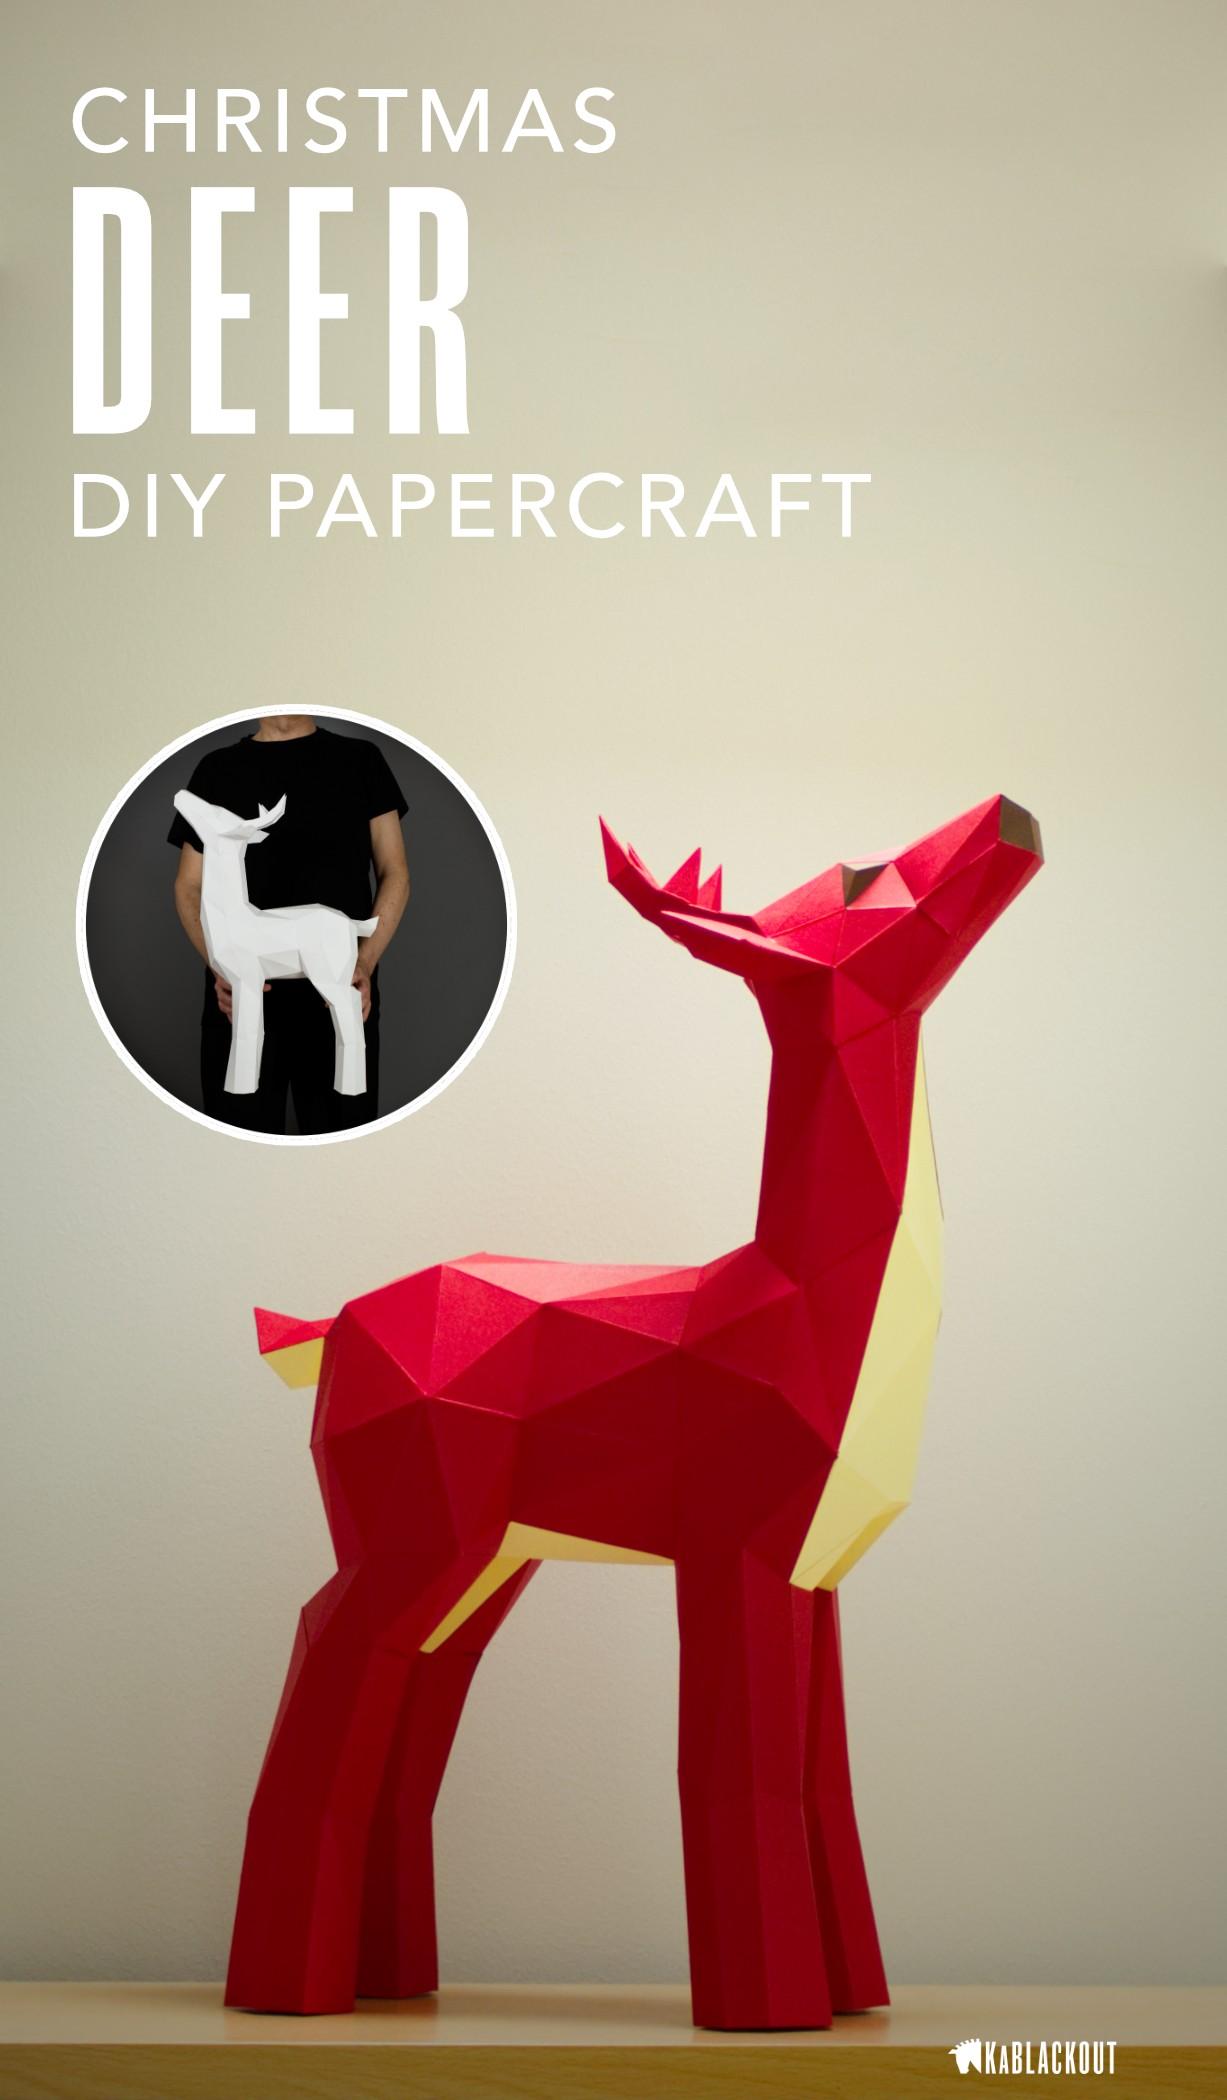 Papercraft Phone Deer Papercraft Papercraft Deer Diy Deer Low Poly Deer Deer